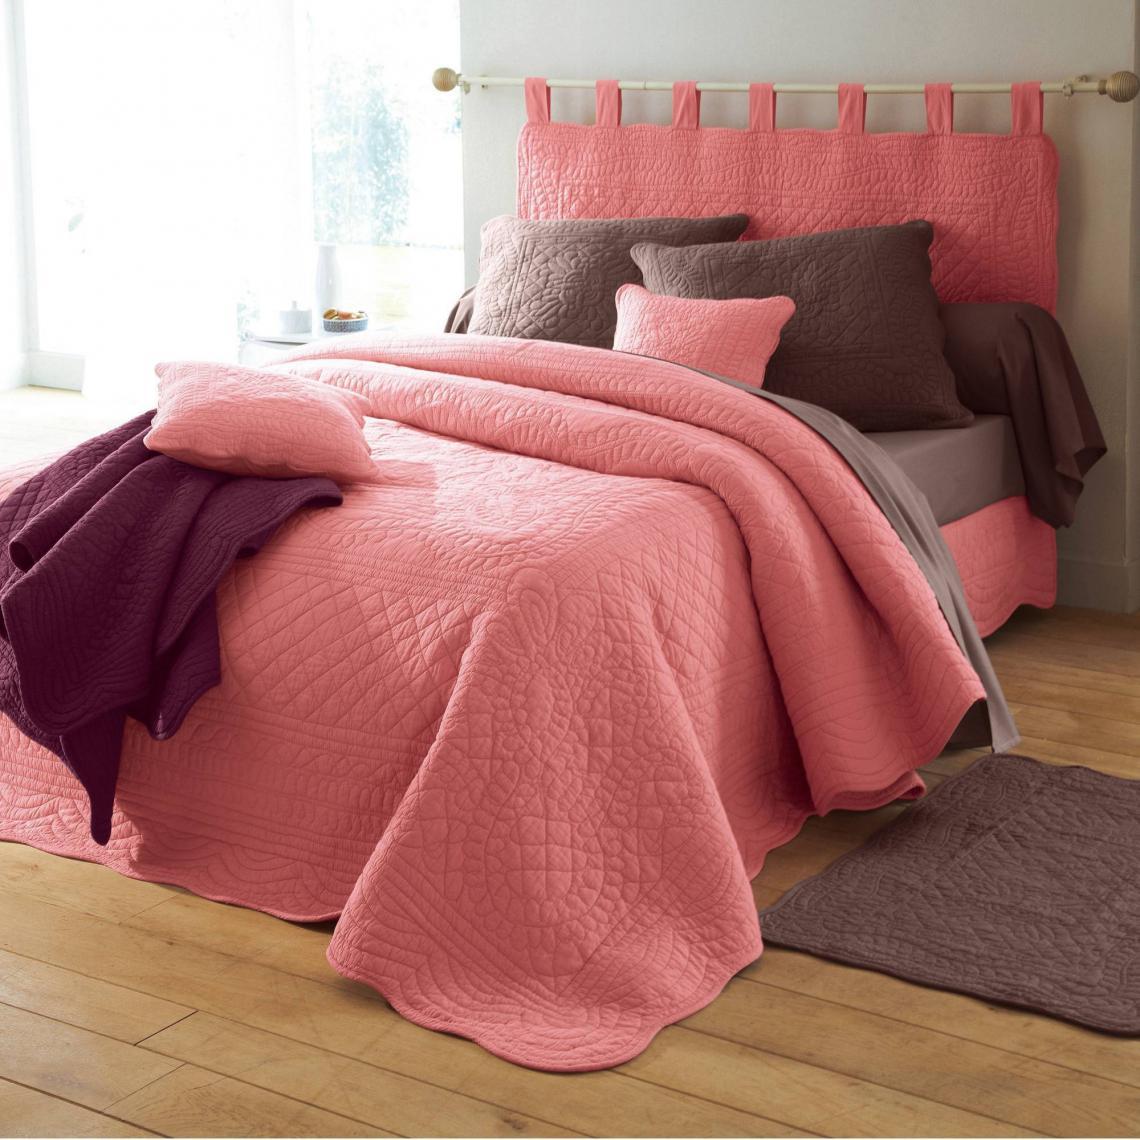 jet de lit uni boutis matelass coton tertio bois de rose 3 suisses. Black Bedroom Furniture Sets. Home Design Ideas